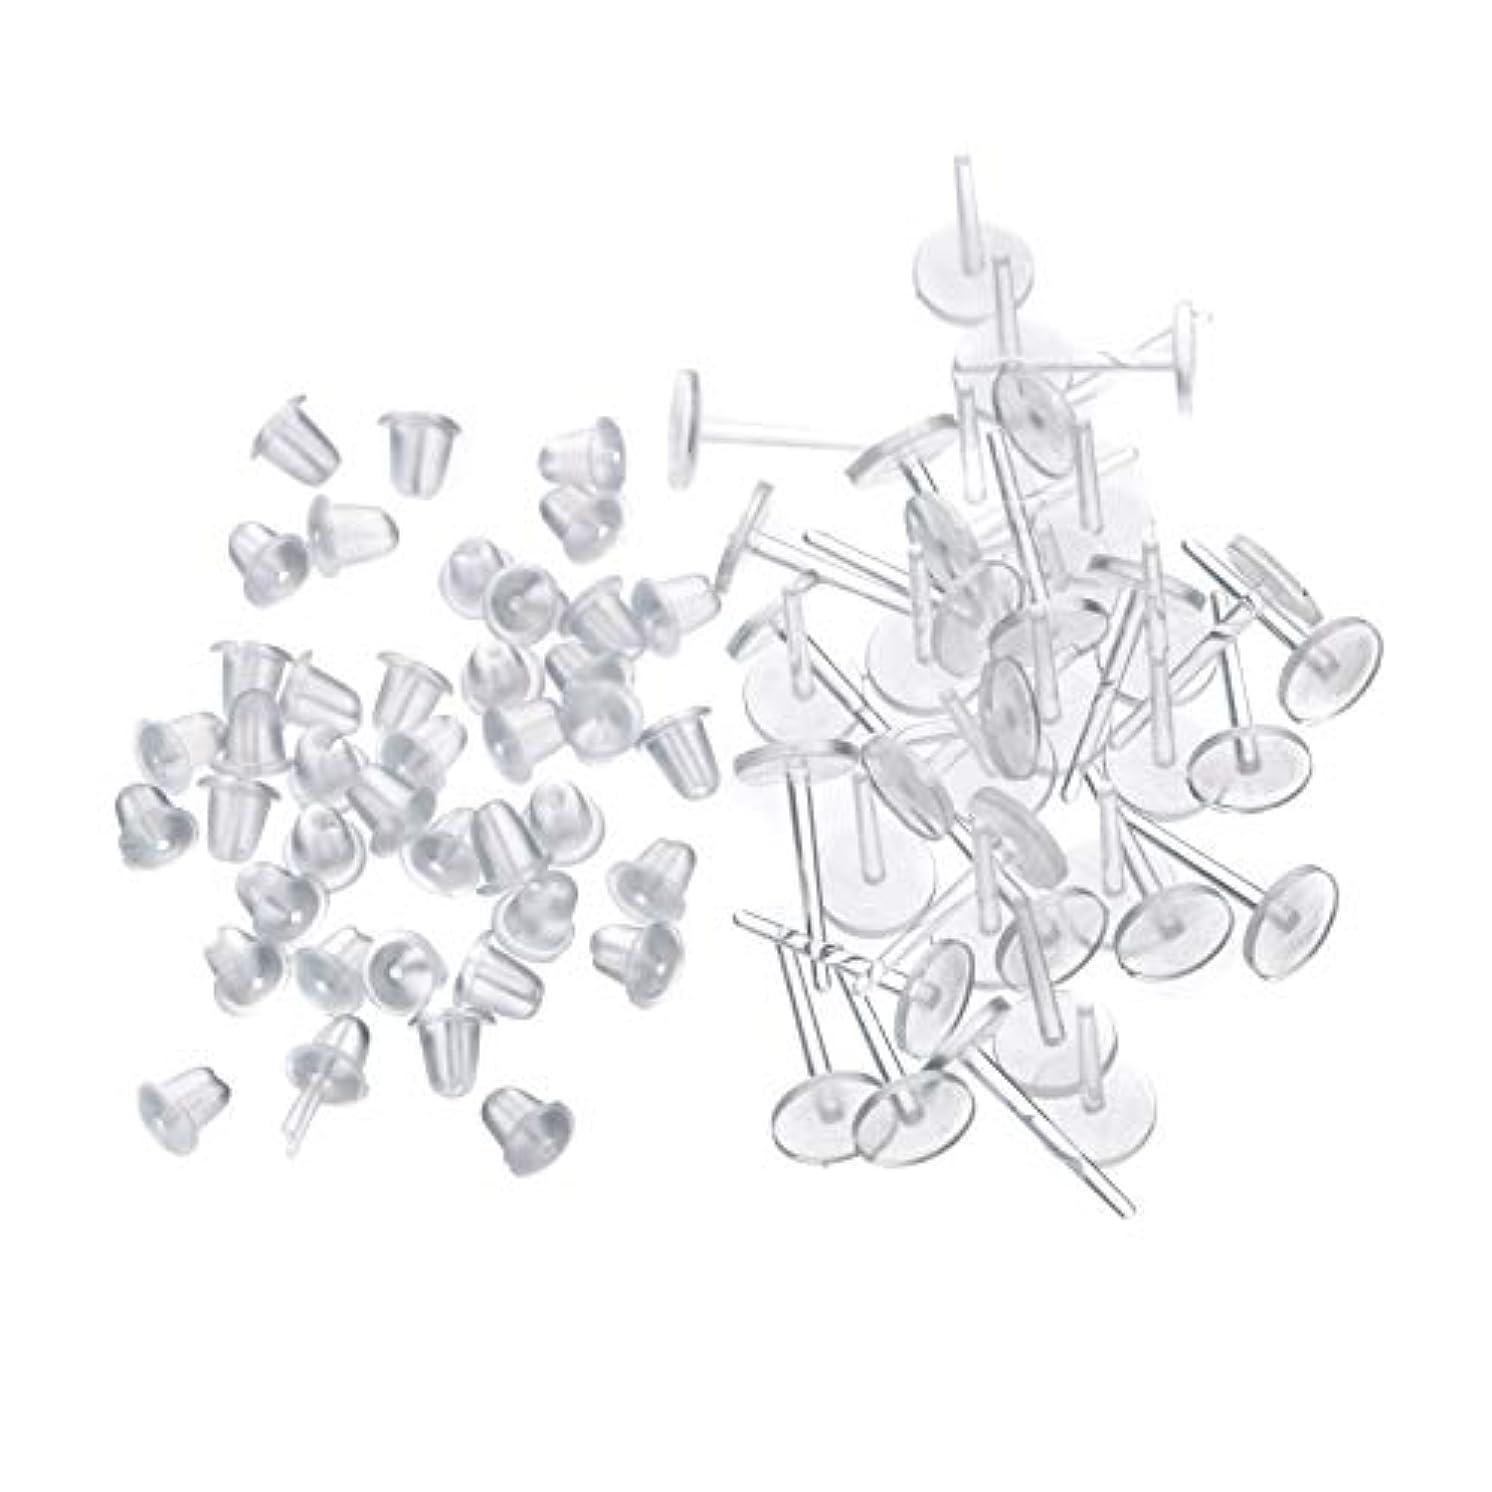 ベリー悪意器用シークレットピアス 樹脂透明ピアス 金属アレルギーフリー ピアスホール維持に最適 (20セット)